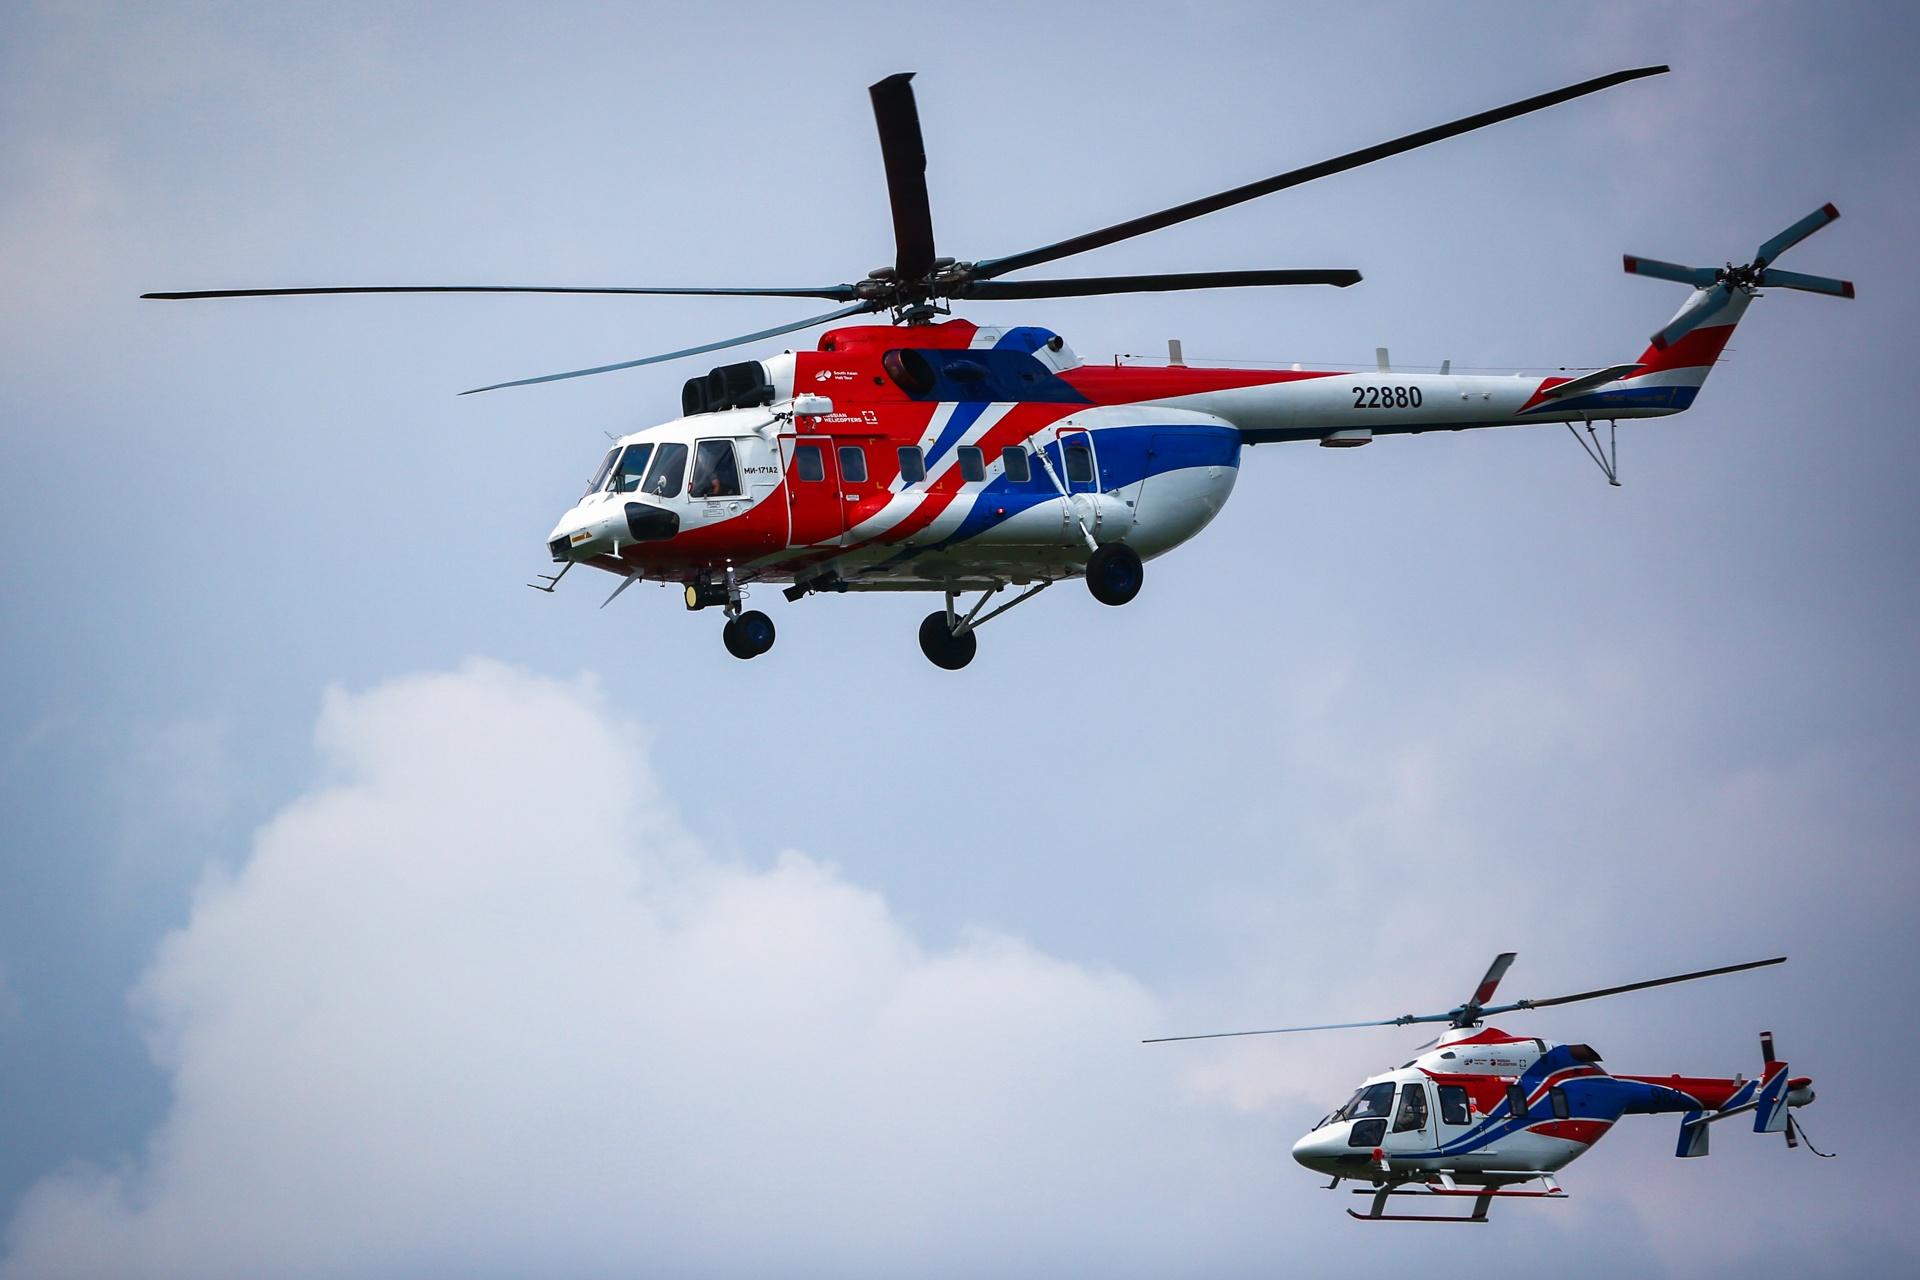 Trực thăng Nga cất cánh trên bầu trời Hà Nội – Ảnh & Video